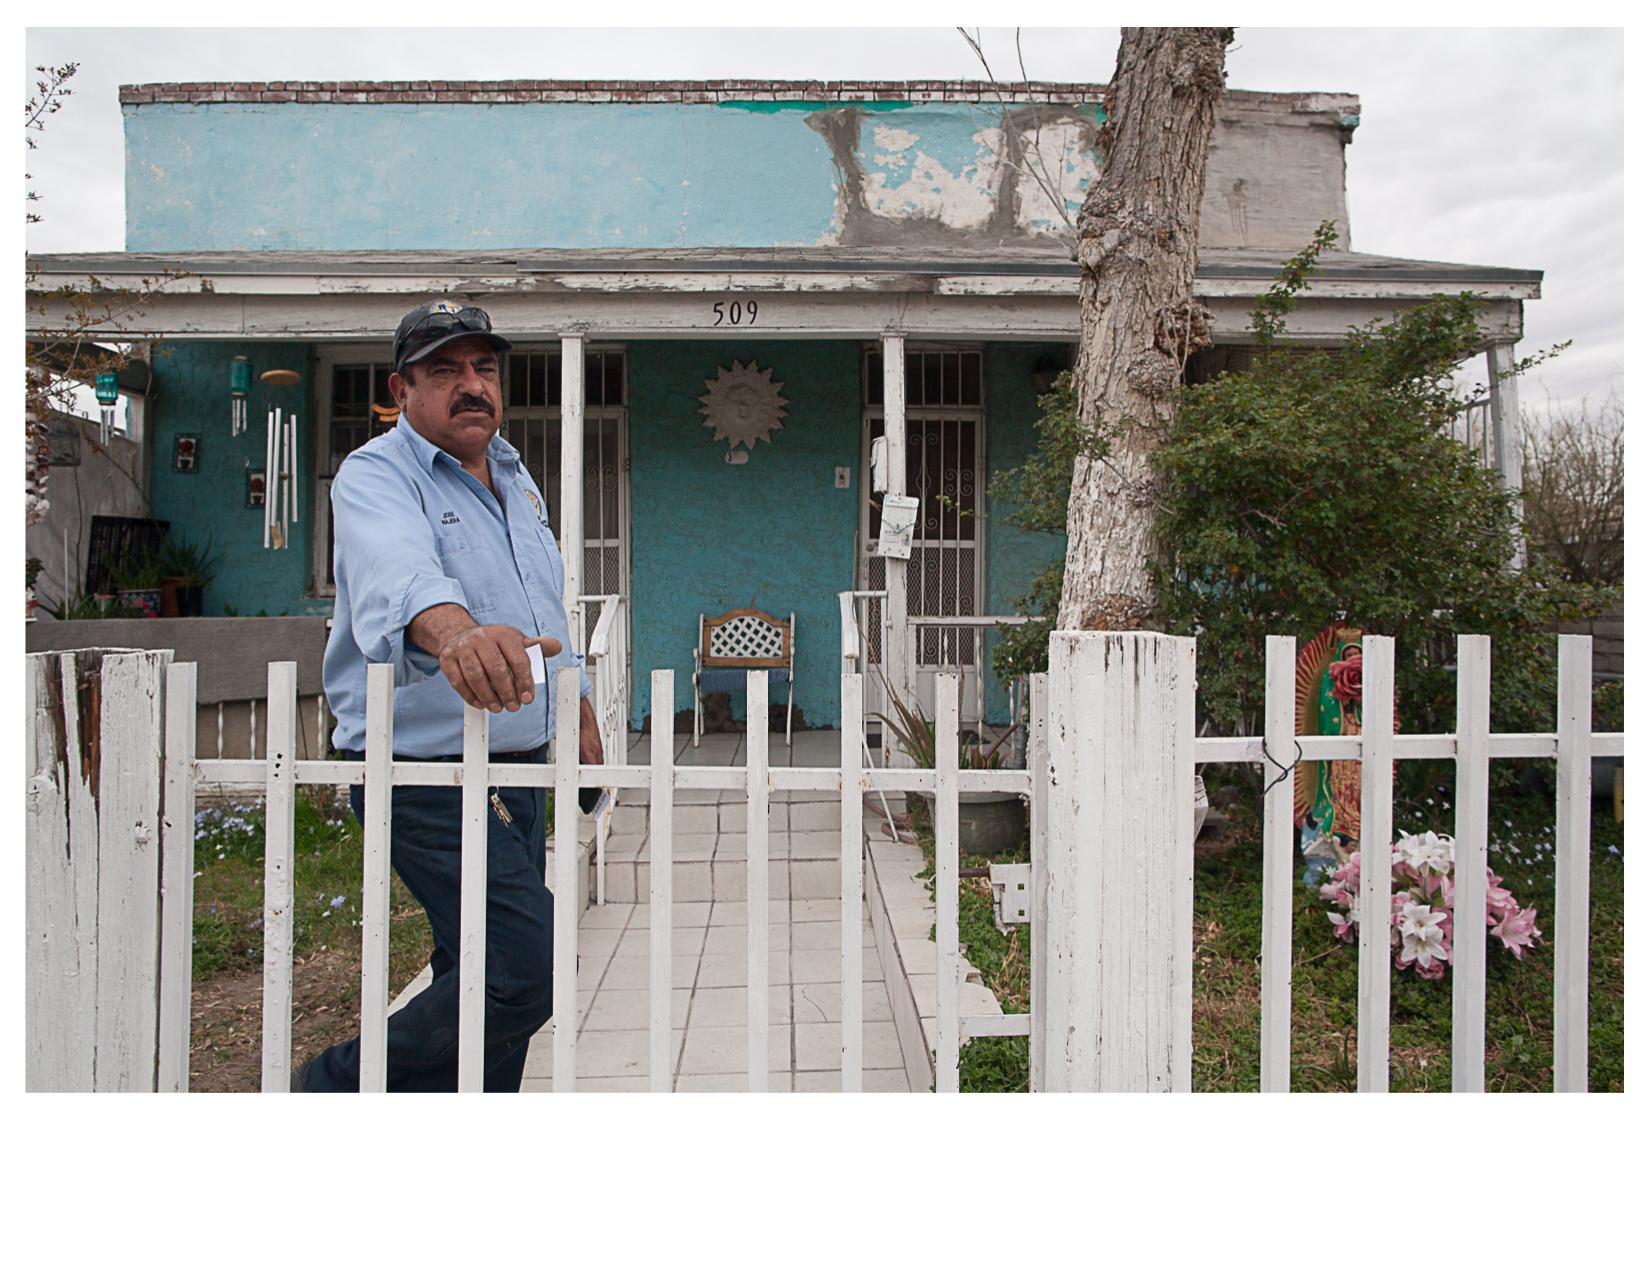 Jose outside his Mother's House in El Segundo Bario, El Paso, TX